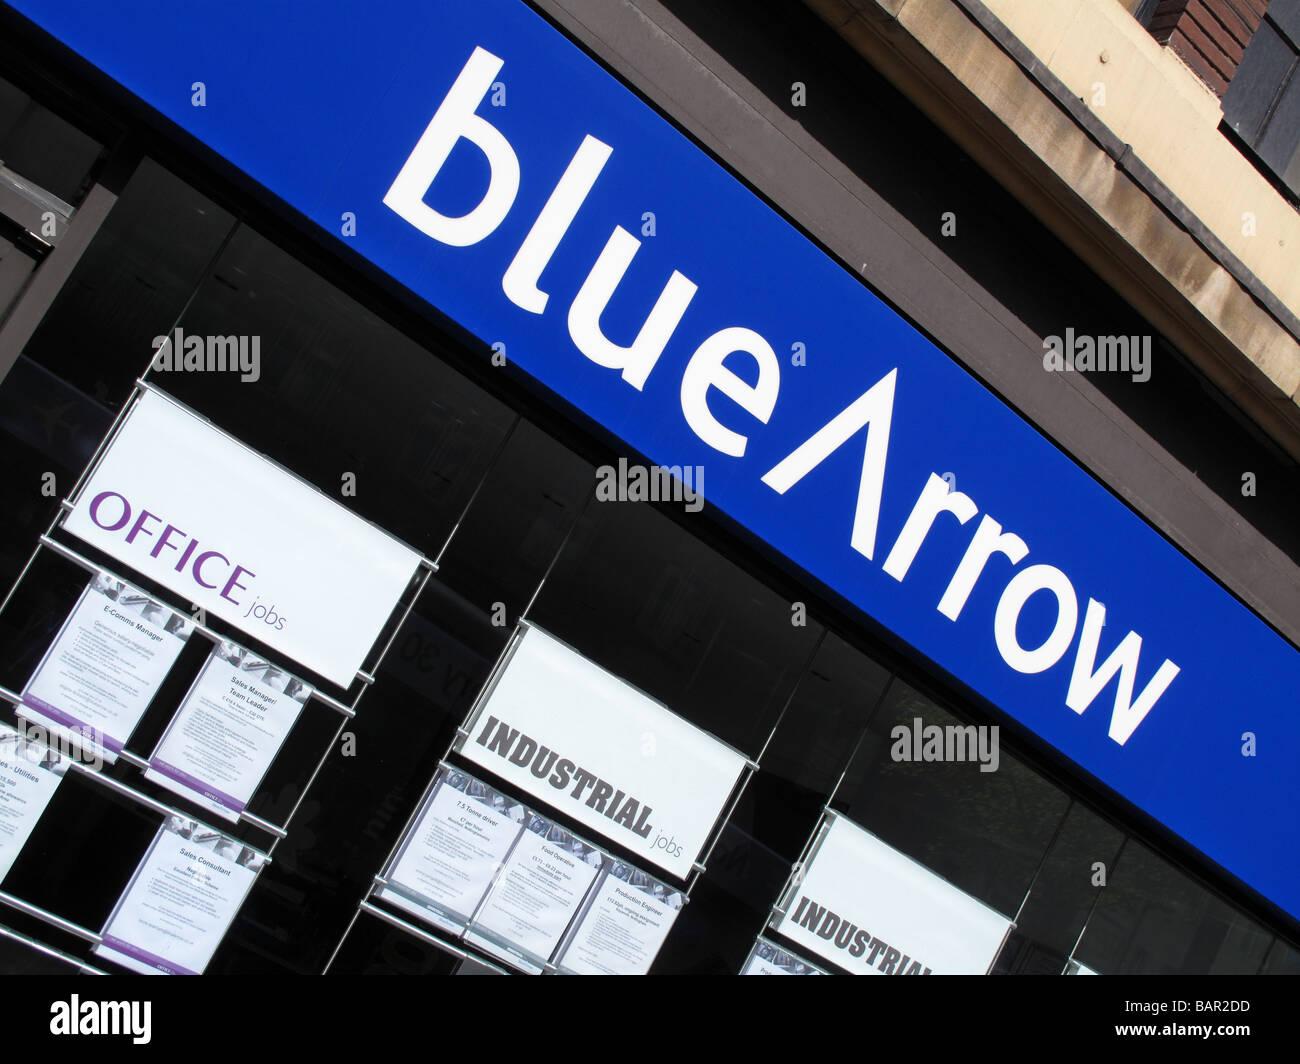 Flecha azul agencia de empleo en una ciudad del Reino Unido. Imagen De Stock